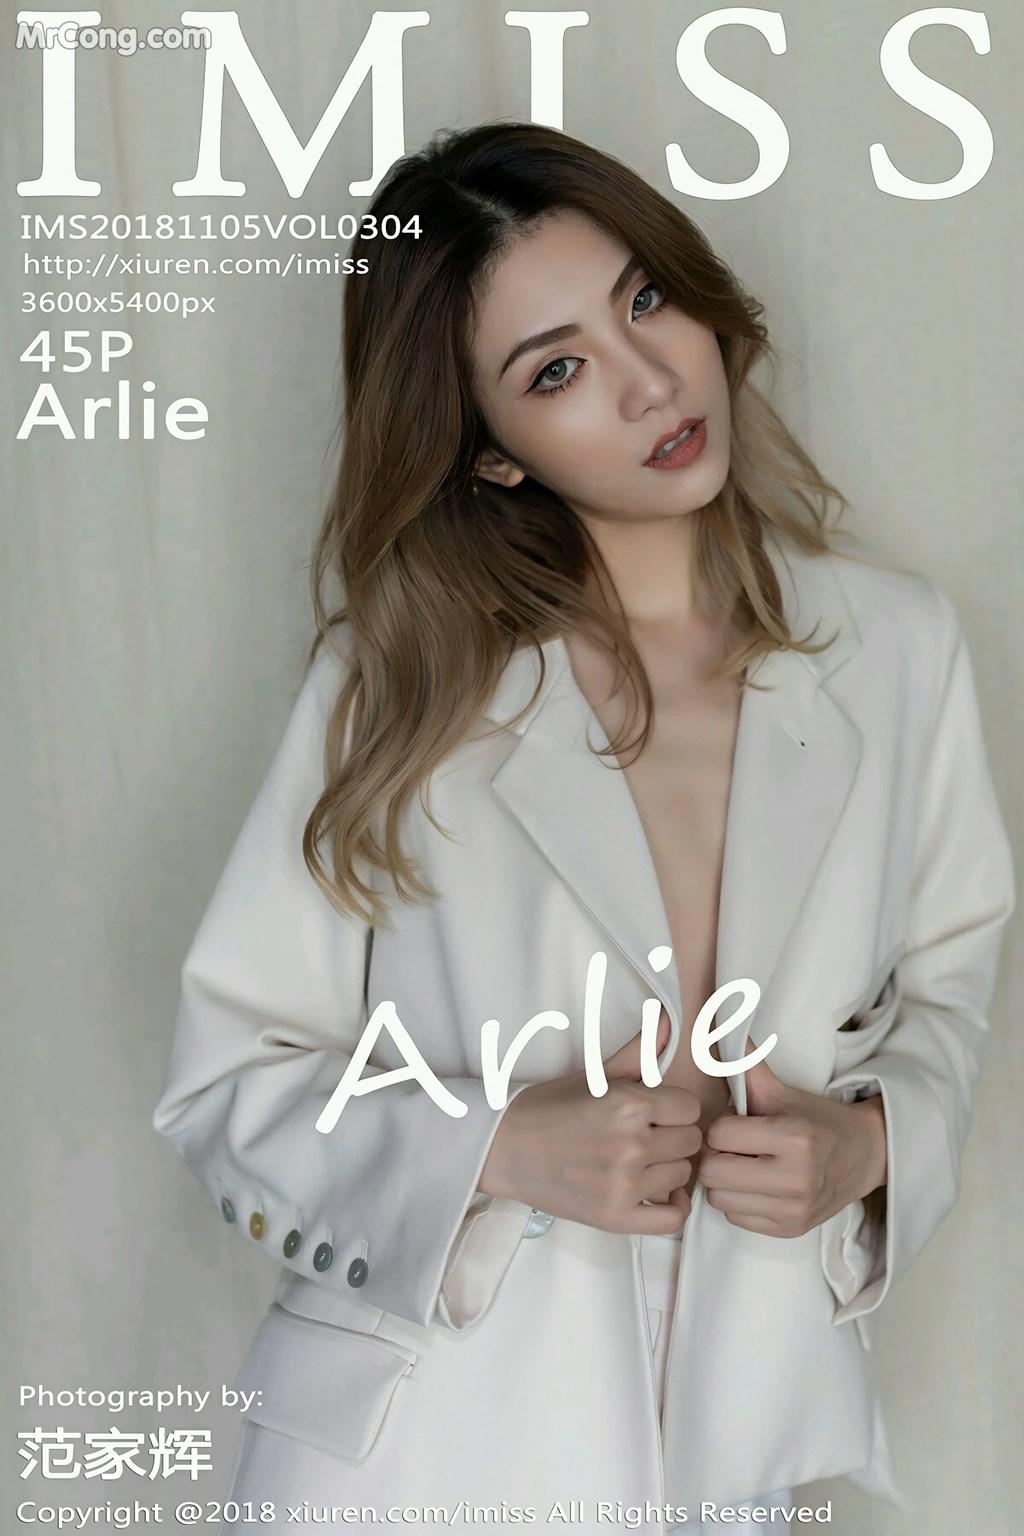 IMISS Vol.304: Người mẫu Arlie (46 ảnh)